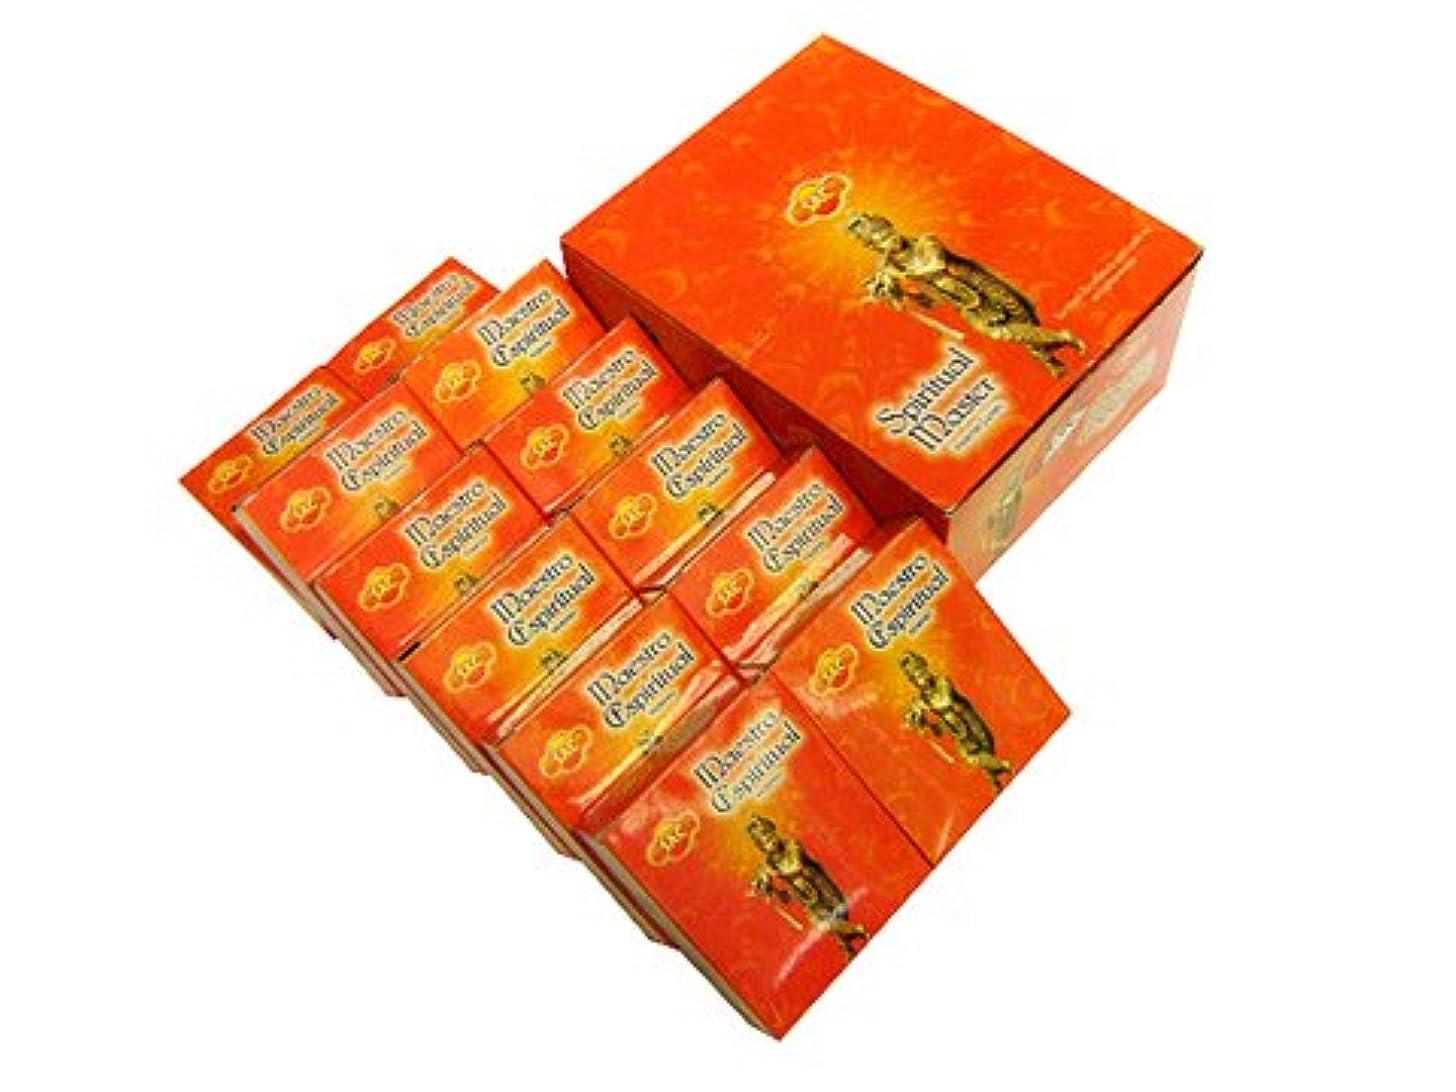 便益作者定義SANDESH SAC (サンデッシュ) スピリチュアルマスター香コーンタイプ SPIRITUAL MASTER CORN 12箱セット